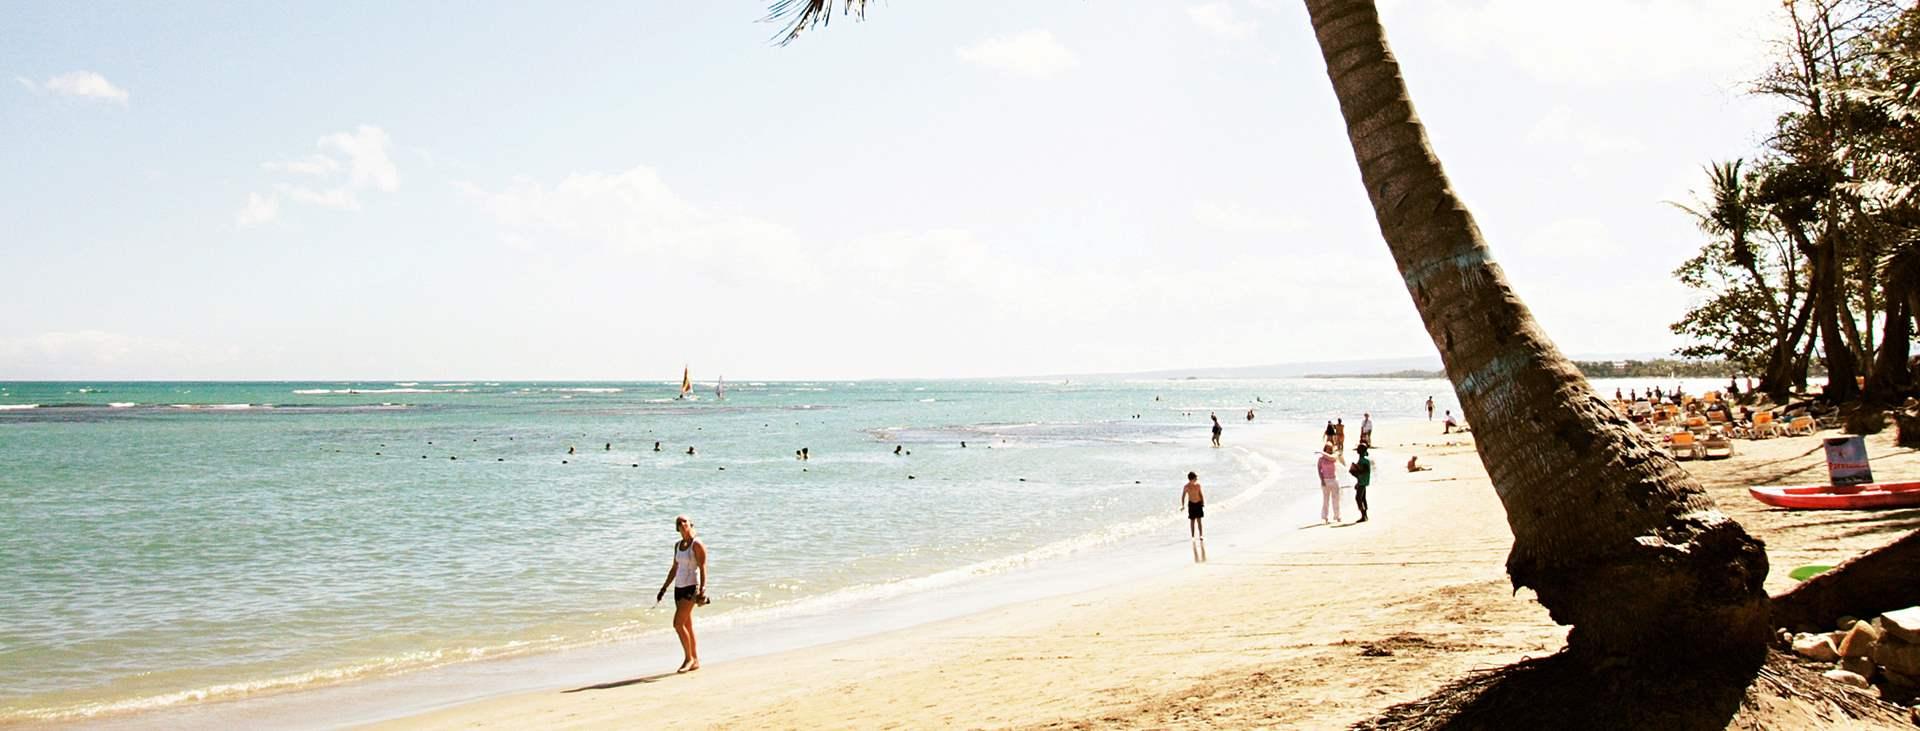 Bestill en reise til Playa Dorada i Karibia